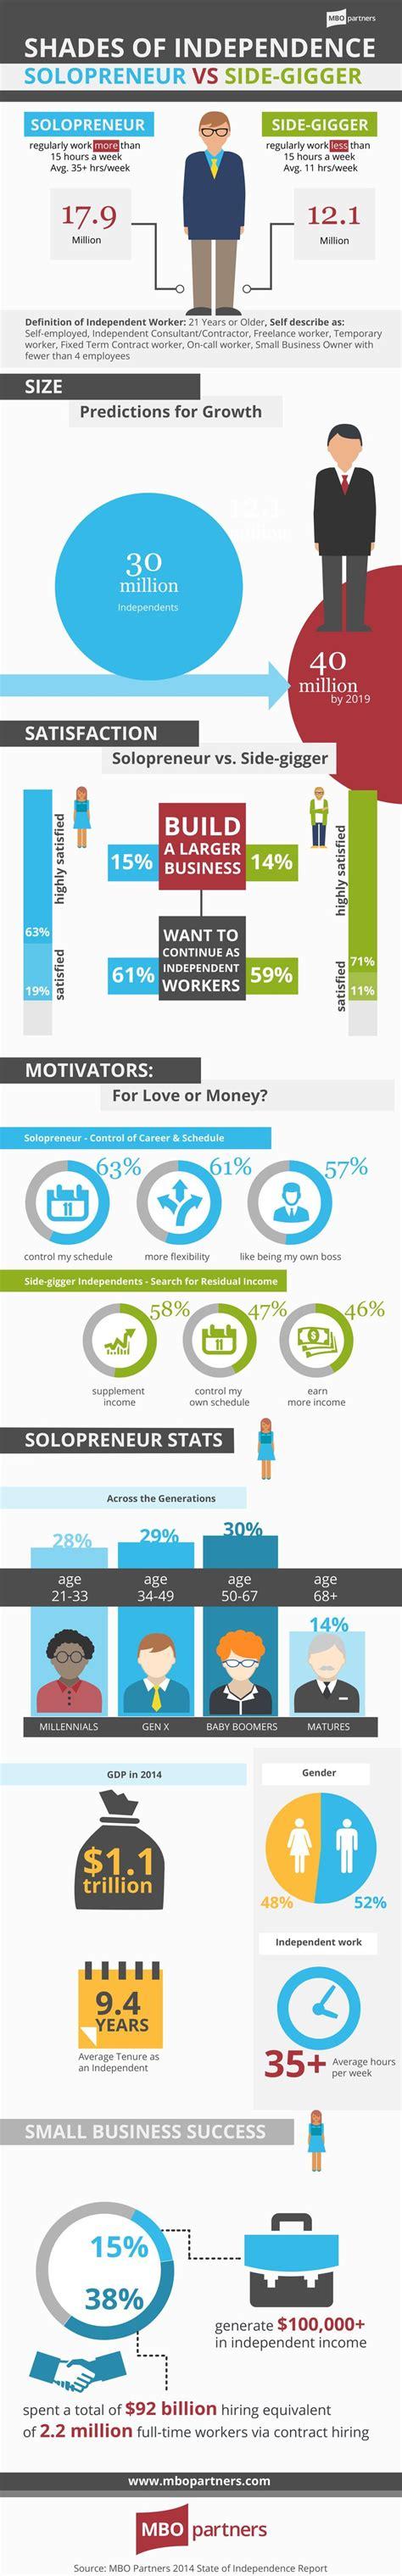 Buku Entrepreneurship Intelligence Vn 649 best entrepreneurs entrepreneurship leadership images on entrepreneurship